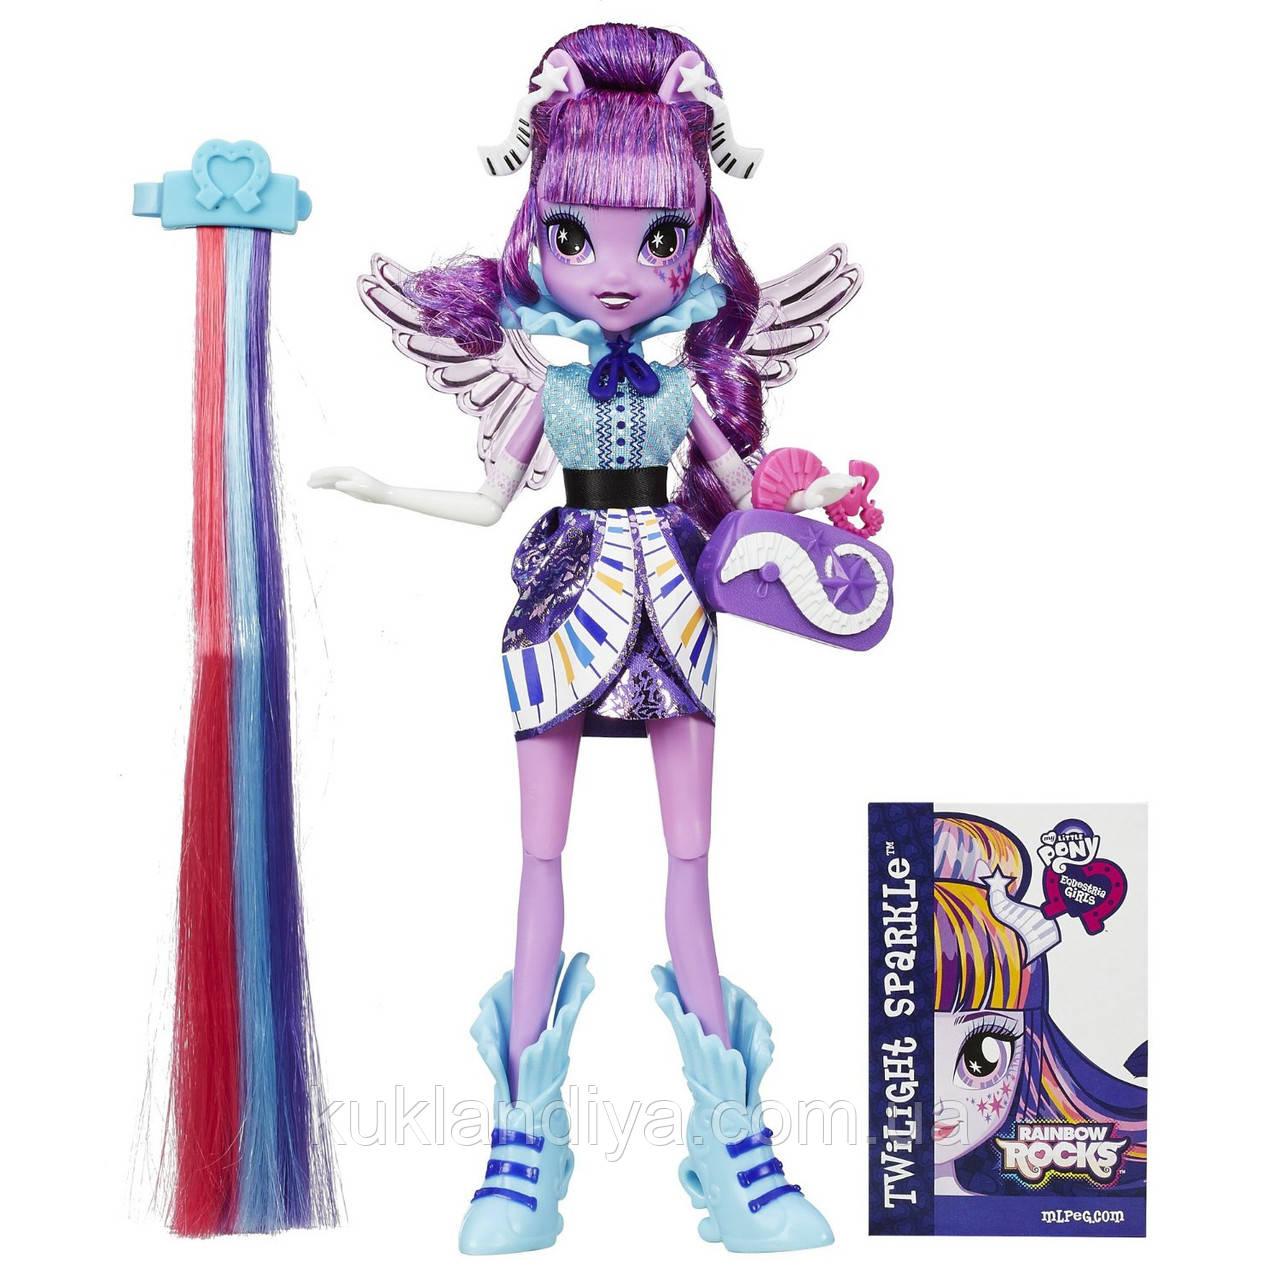 Кукла Искорка Твайлайт Спаркл Реинбоу рокс - My Little Pony Equestria Girls Rainbow Rocks, фото 1